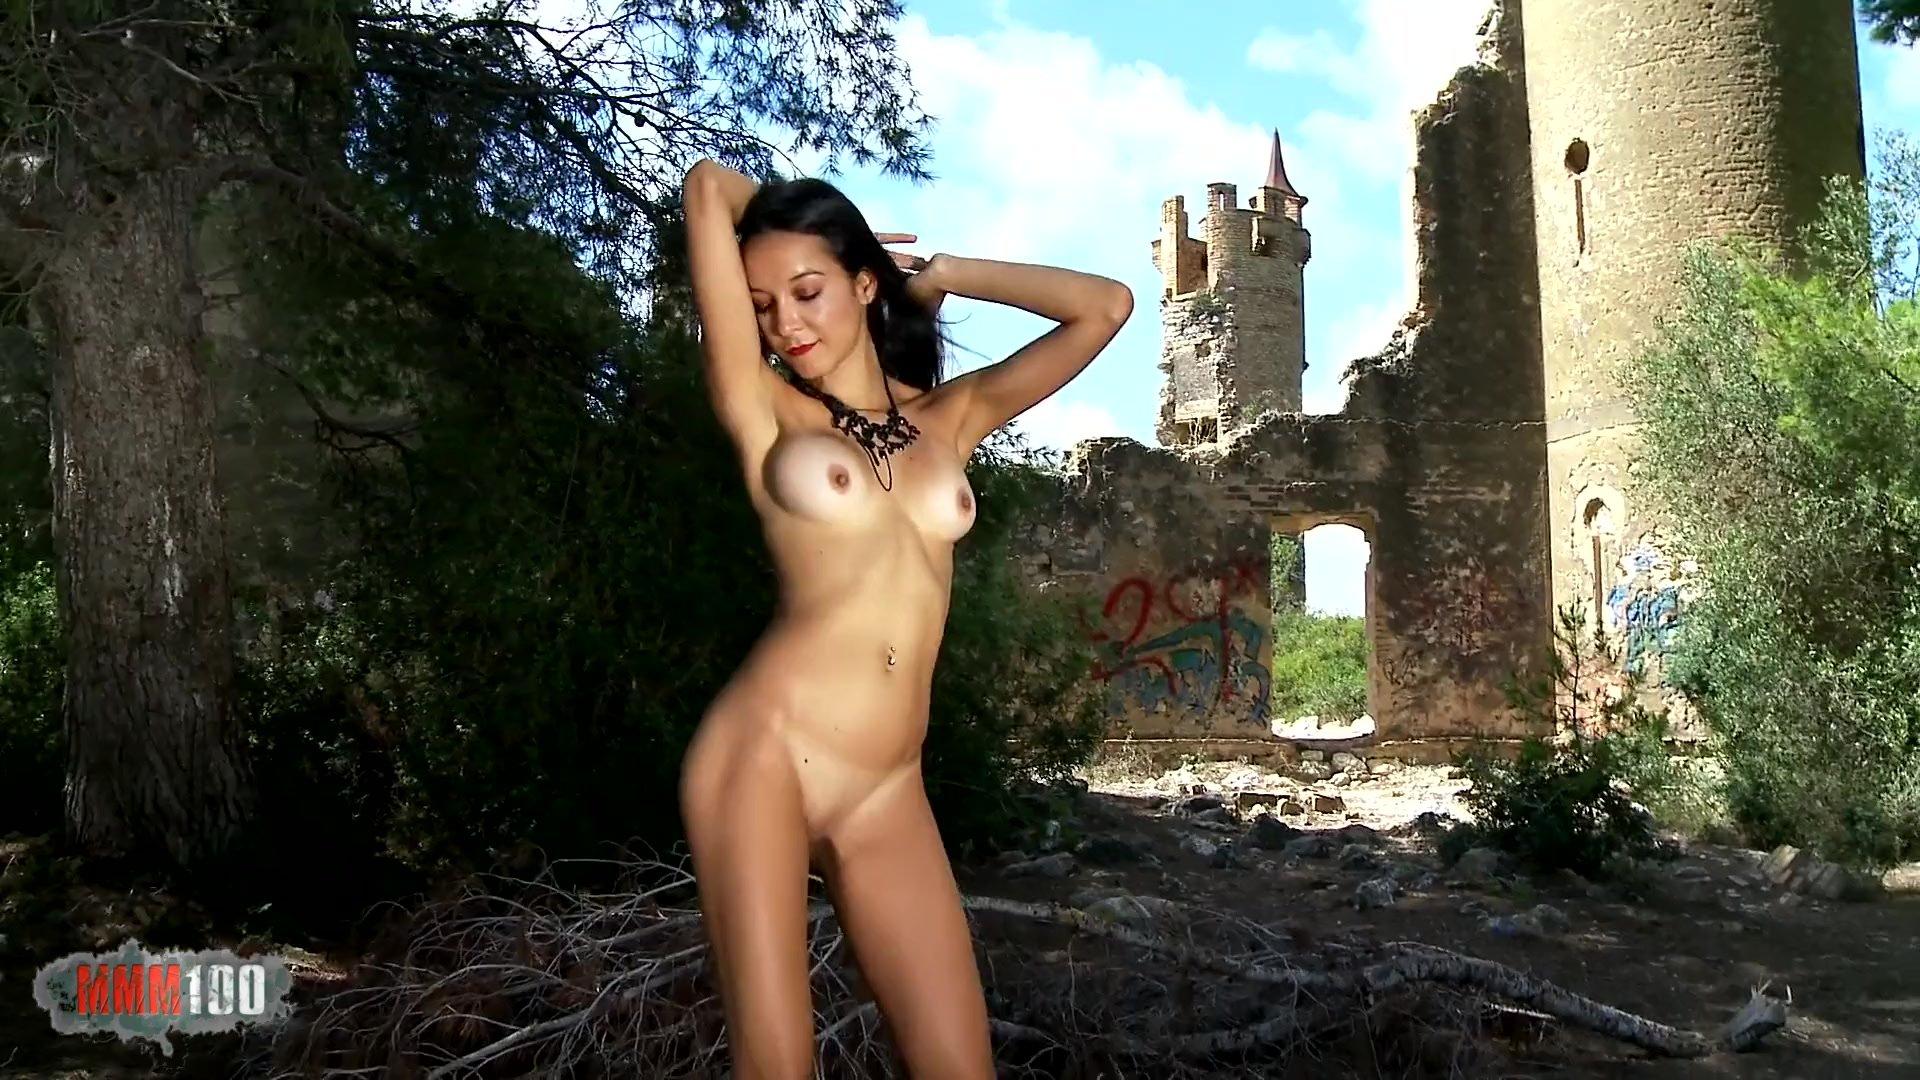 Pornstar brunette Francys Belle dancing and stripping